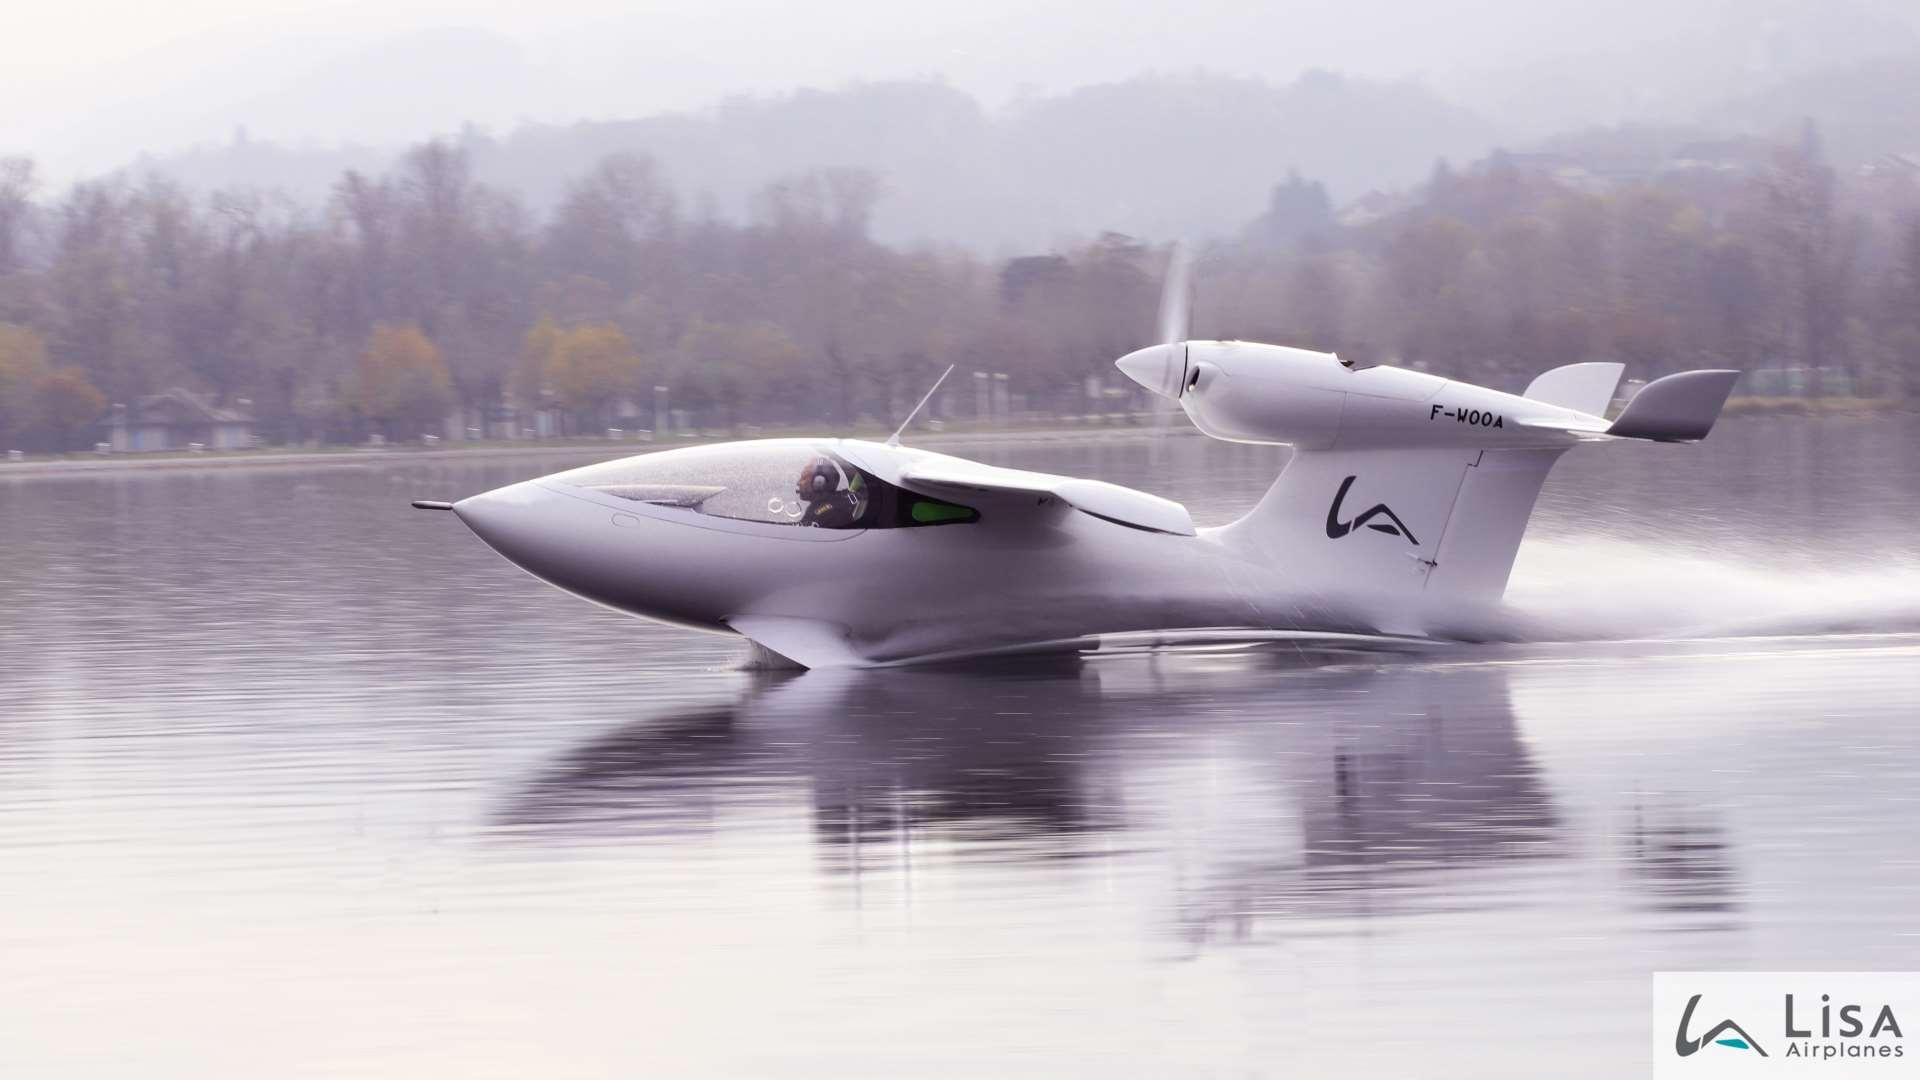 The Lisa Akoya Airplane